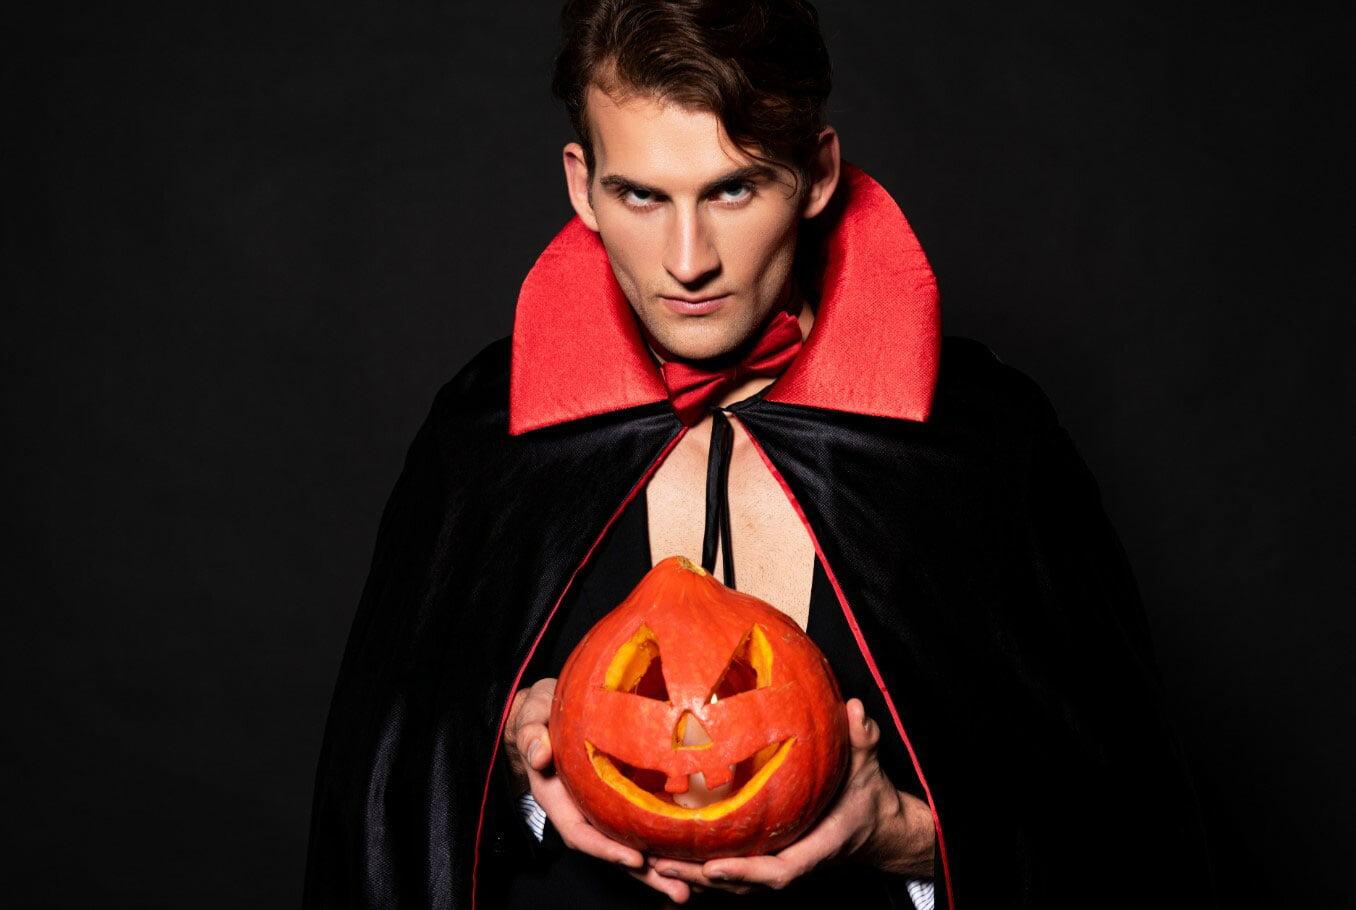 halloween costume ideas 15 31